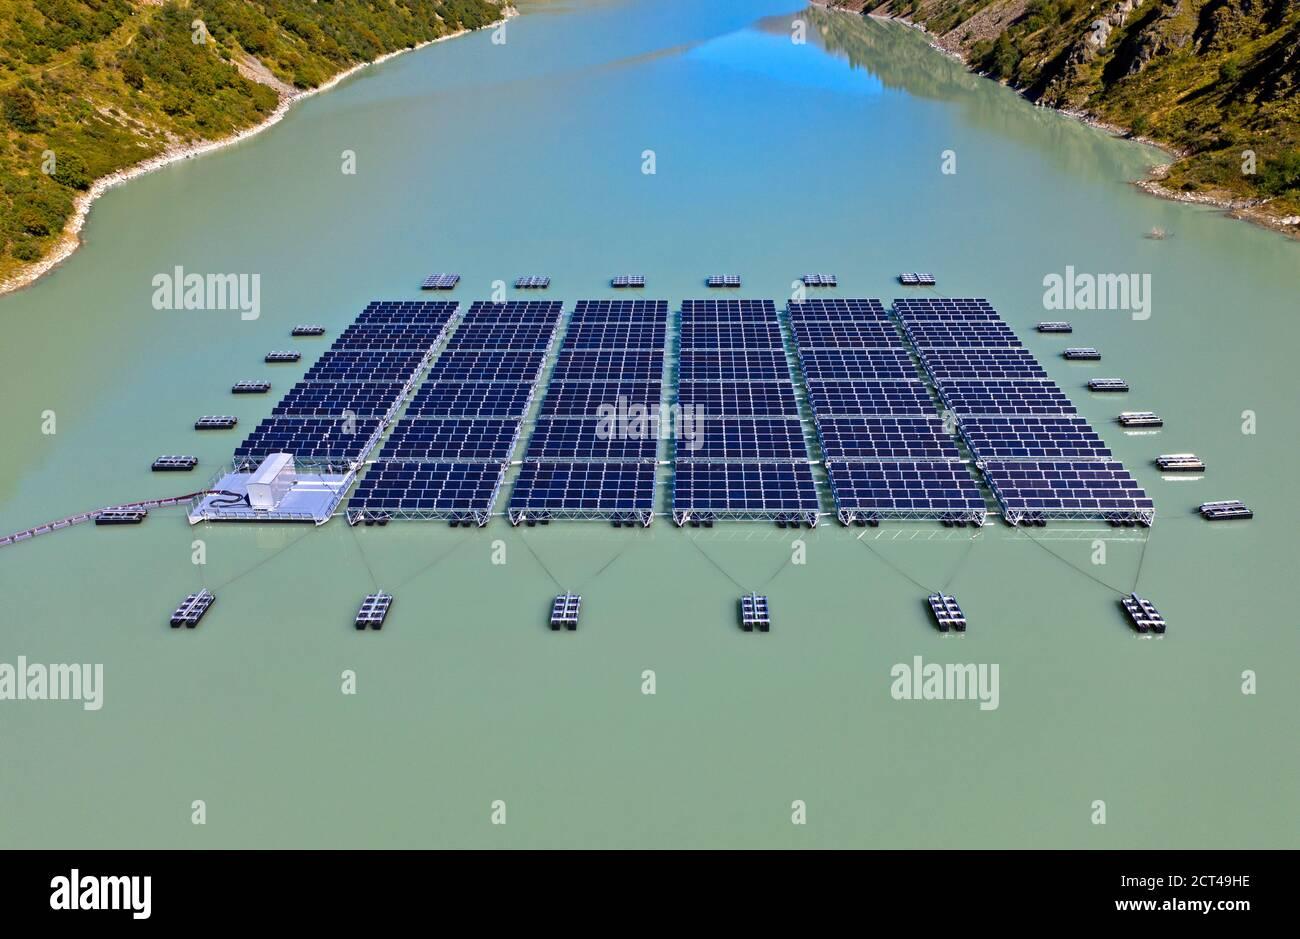 Primera planta de energía solar flotante a gran altura en Suiza, Lac des Toules, Bourg-Saint-Pierre, Valais, Suiza Foto de stock